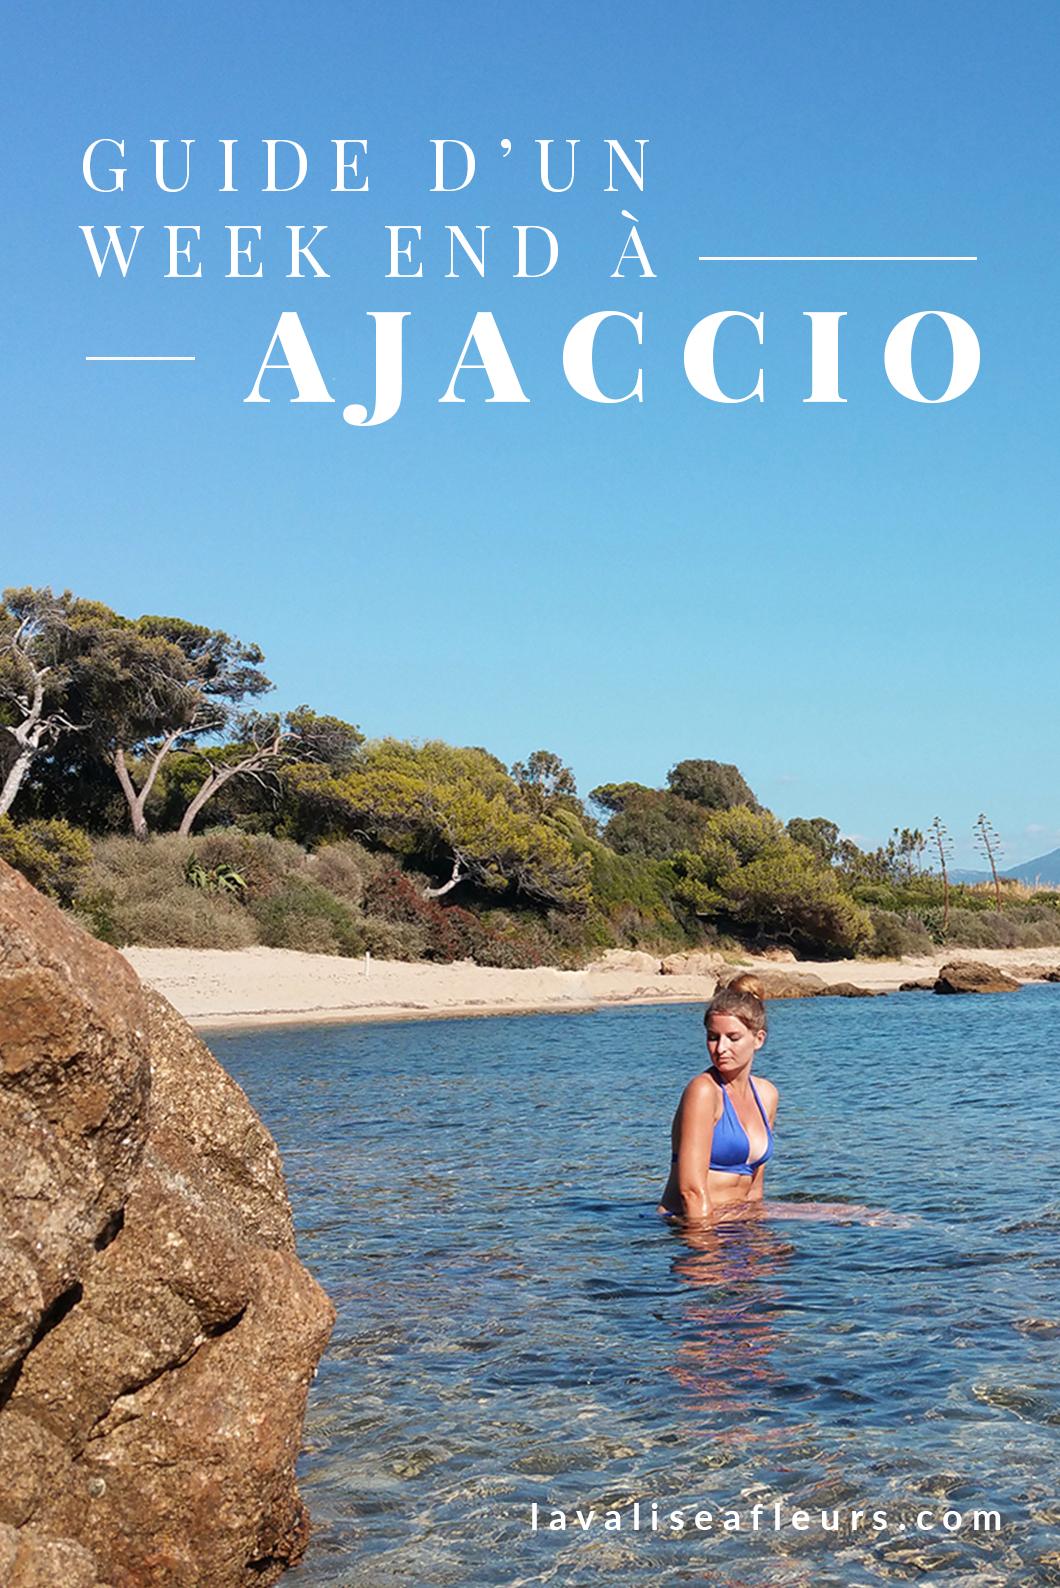 Guide d'un week end à Ajaccio